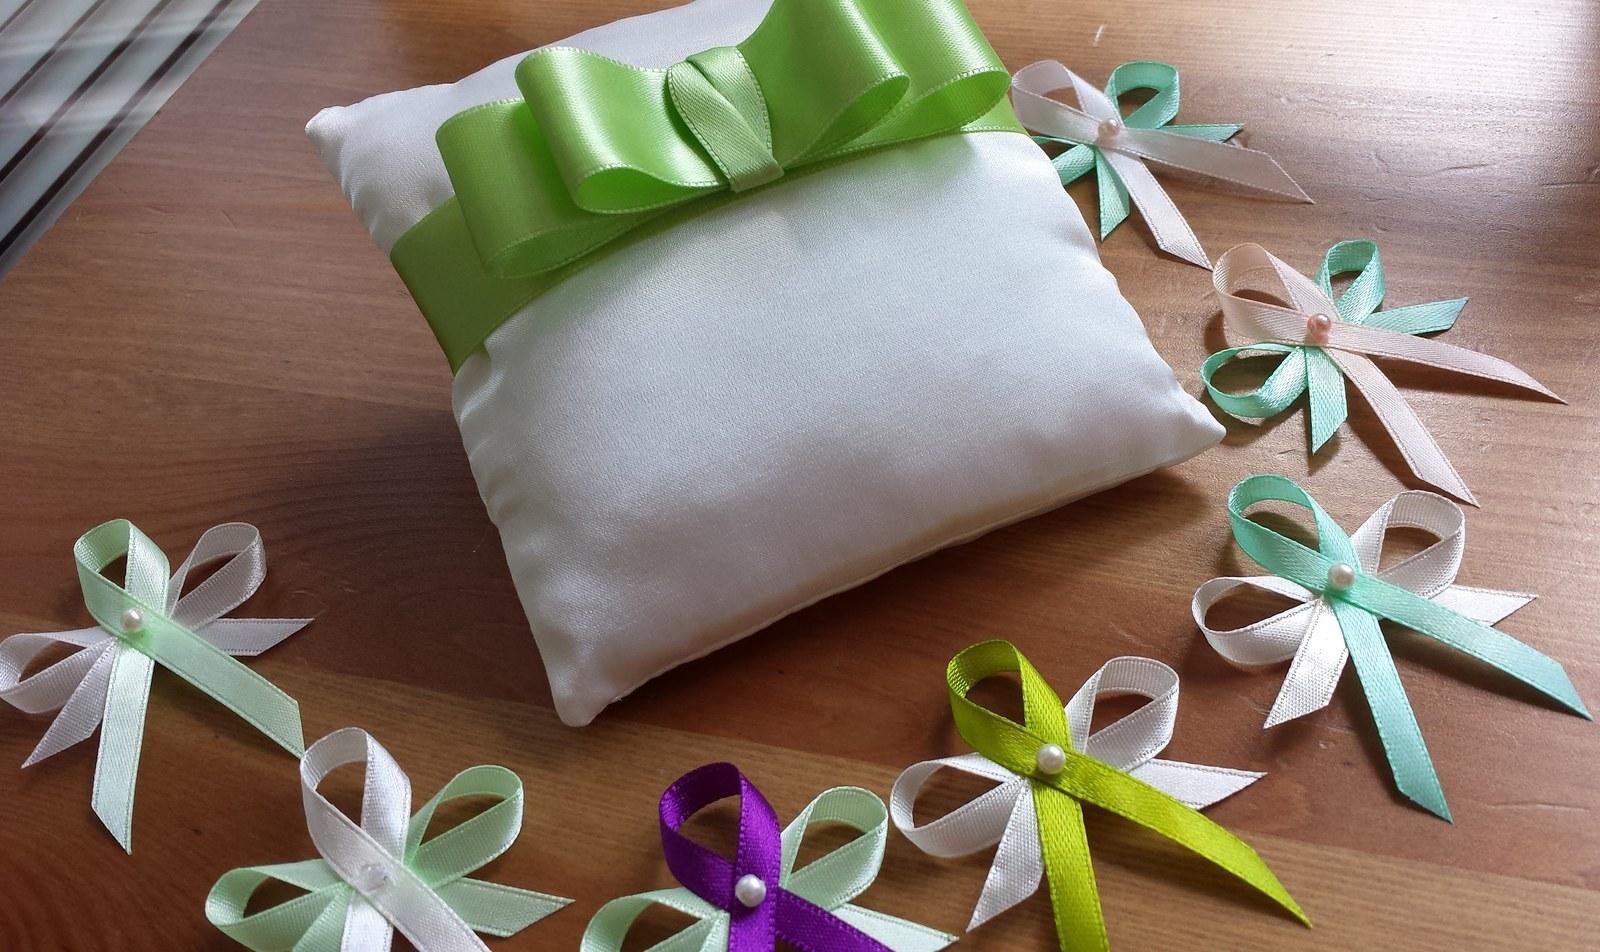 Vývazky a polštářek s mašlí - barva dle přání - Obrázek č. 2